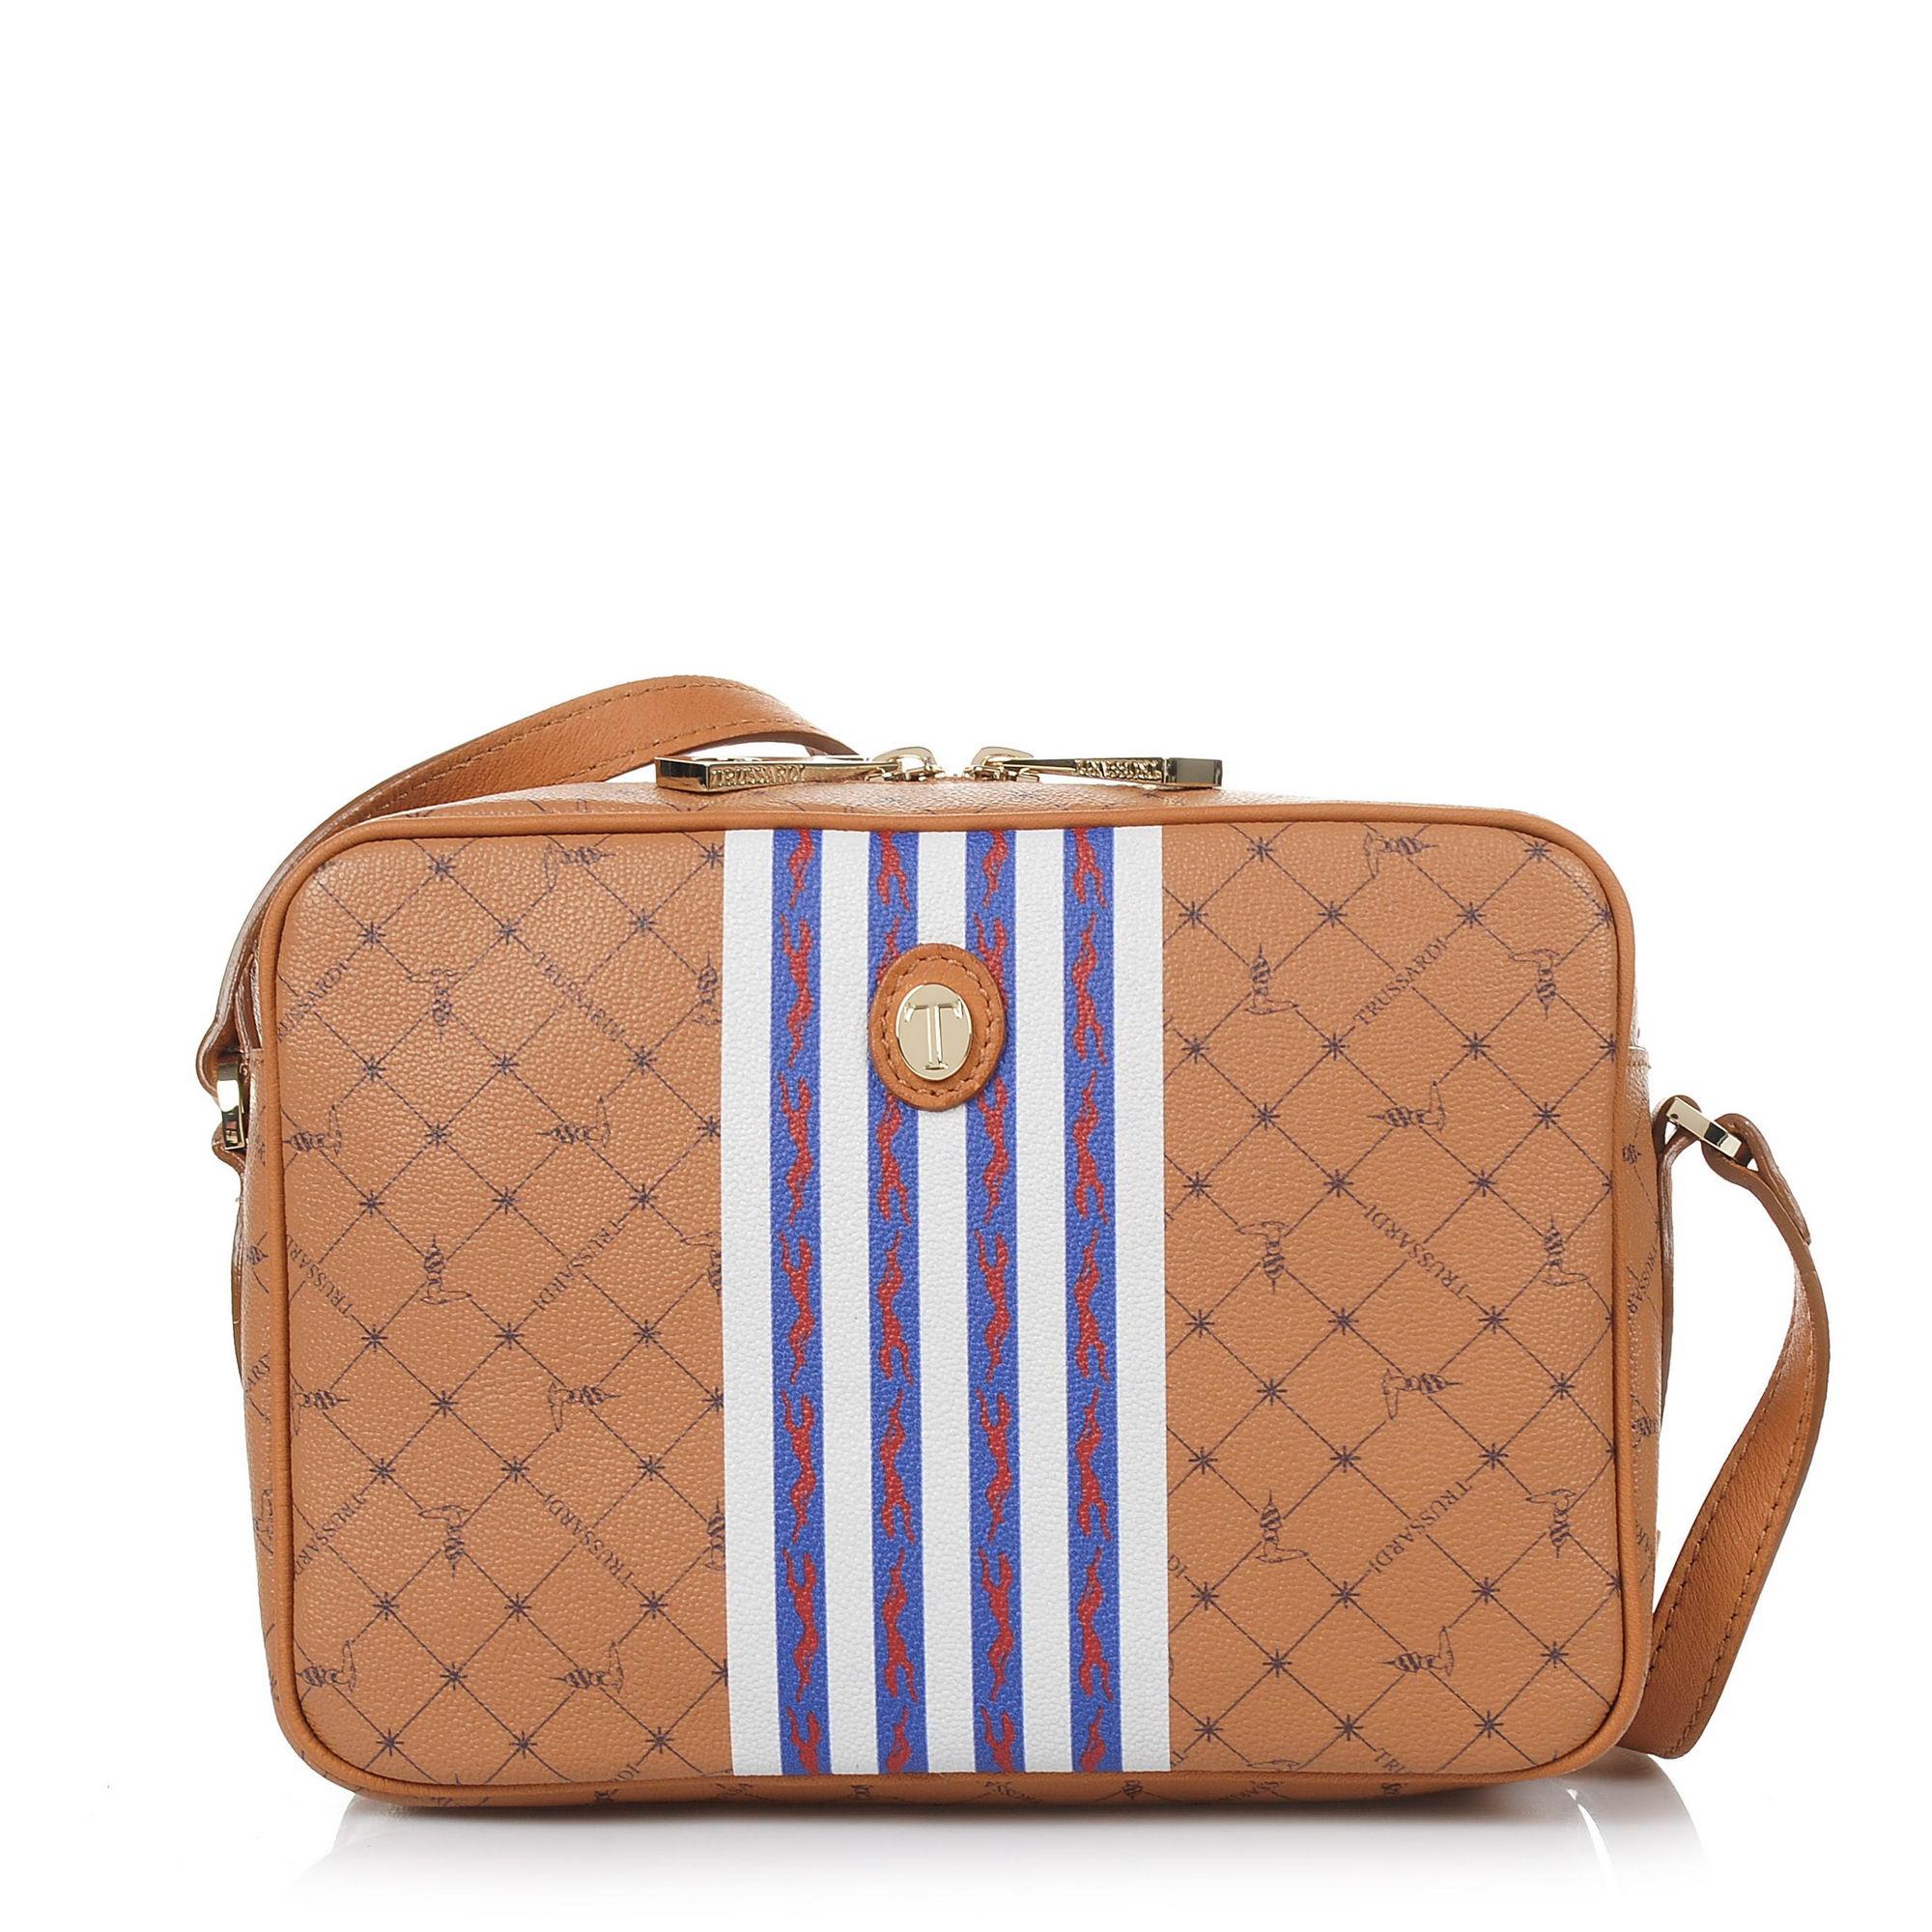 Δερμάτινο Τσαντάκι Ώμου-Χιαστί Mini Shoulder Monogram 76B000562Y000110 γυναικα   γυναικεία τσάντα